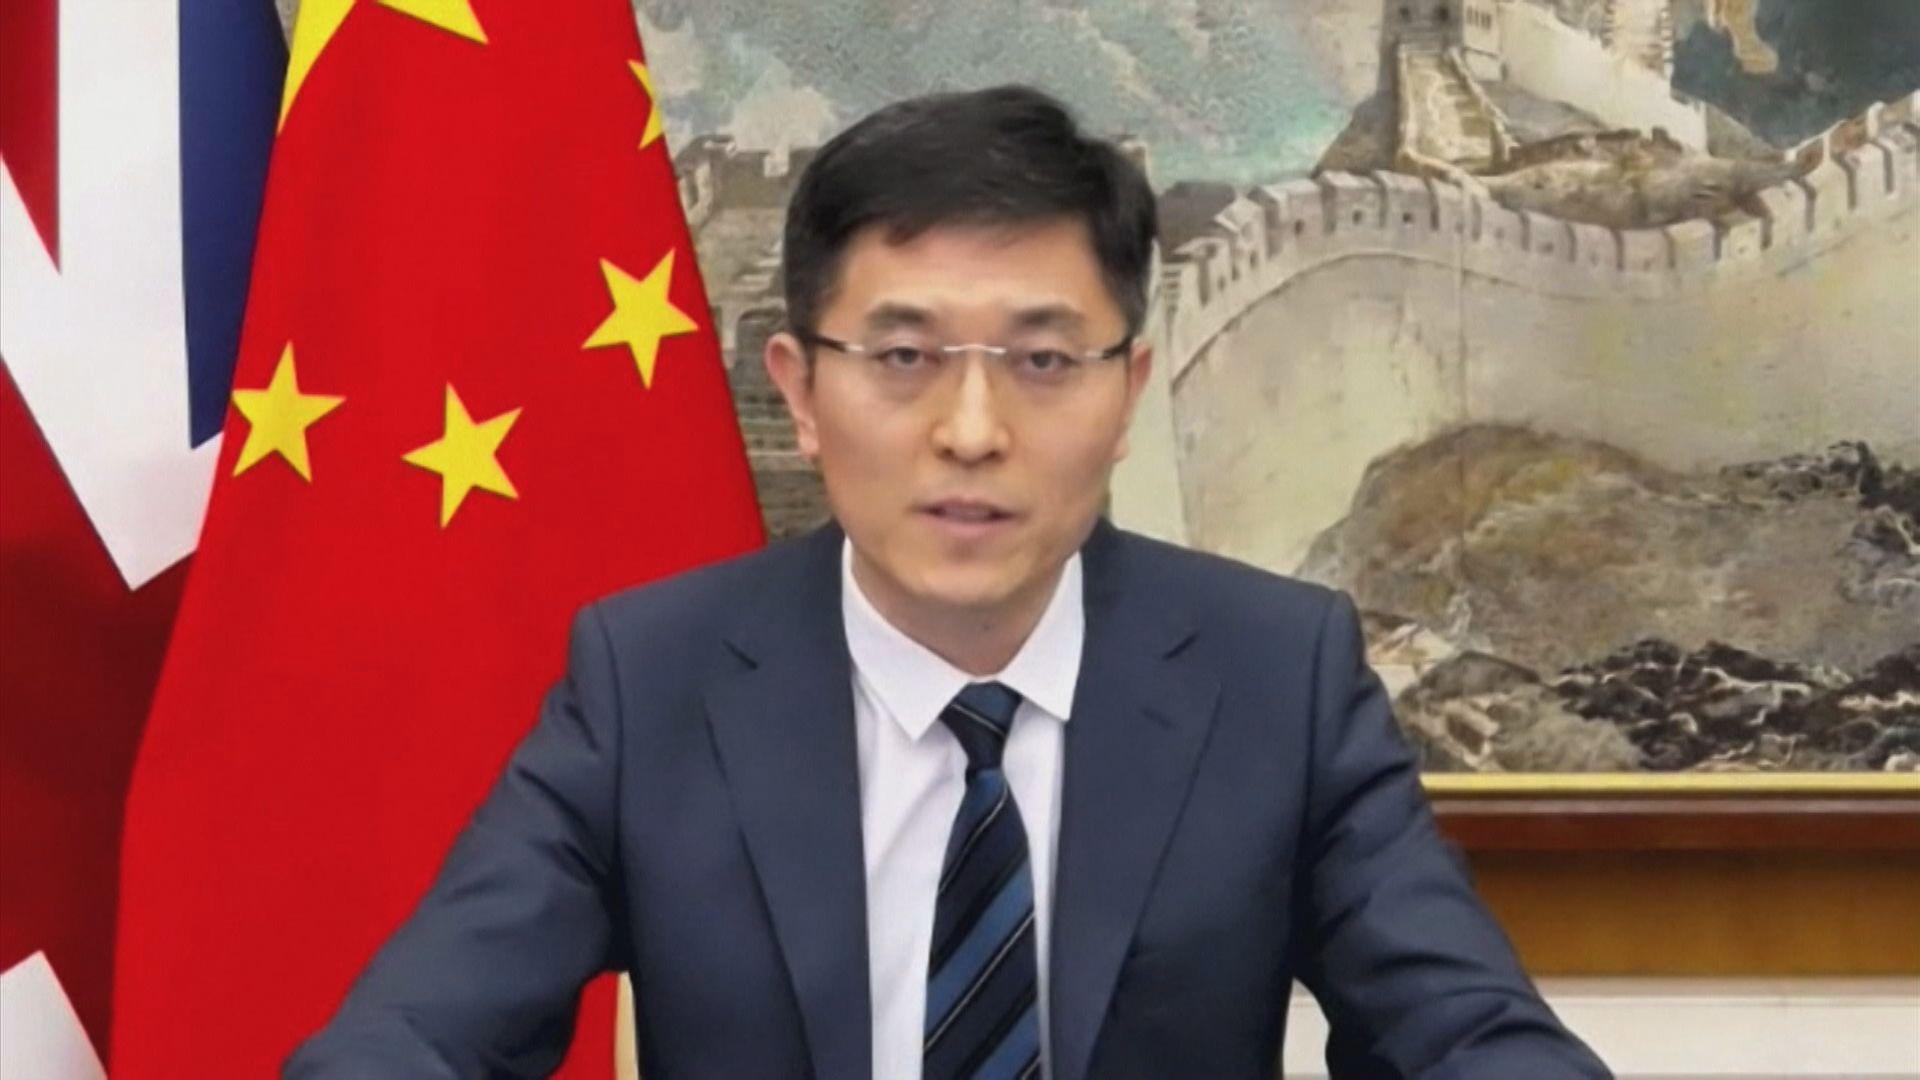 歐美多國指控中國侵犯新疆人權 中駐英代表稱毫無根據